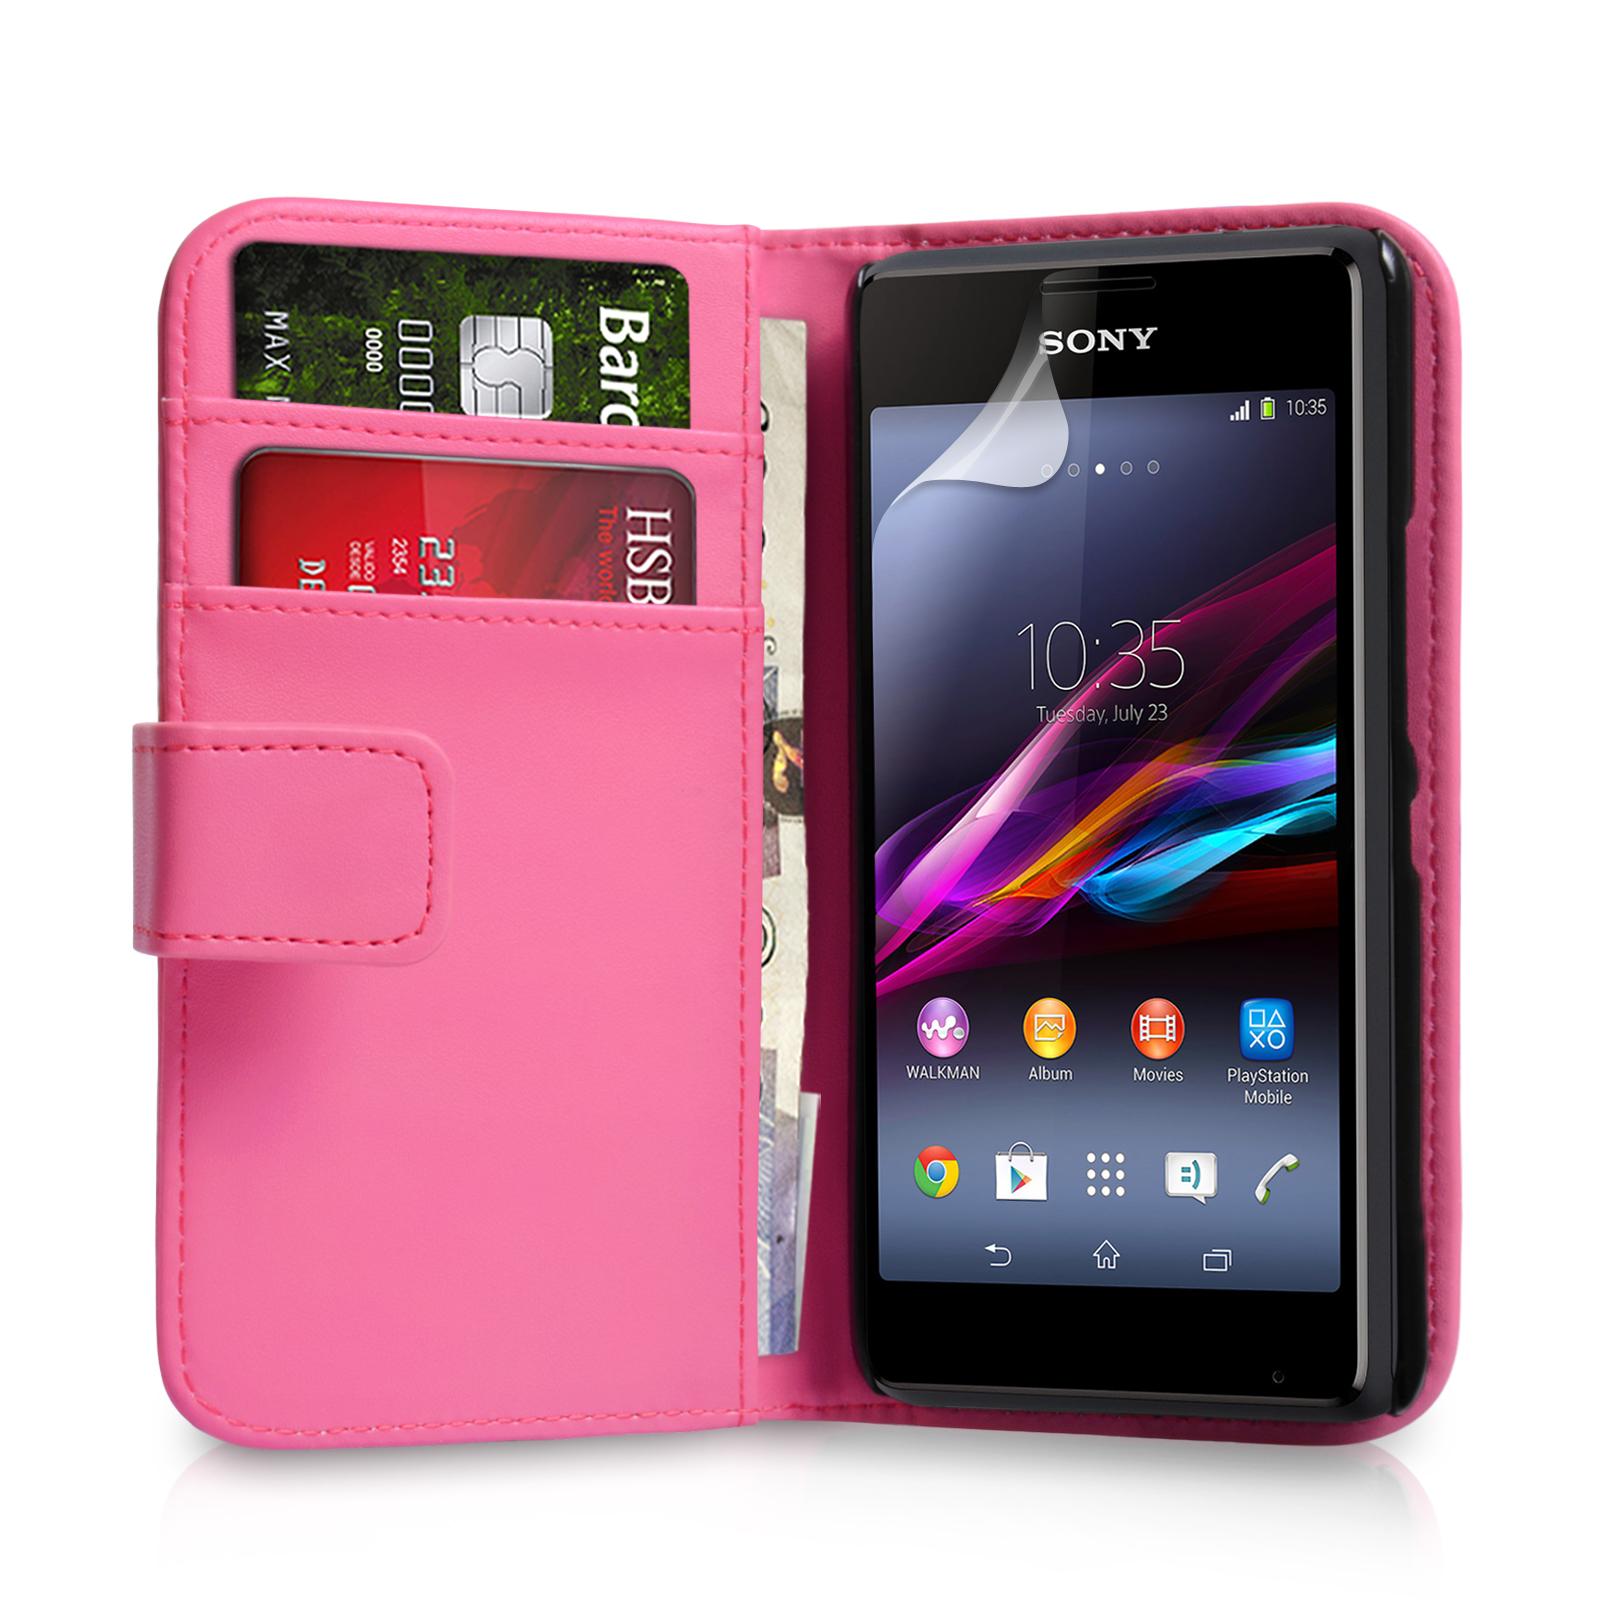 Θήκη Sony Xperia E1 - Πορτοφόλι by YouSave (Z456)